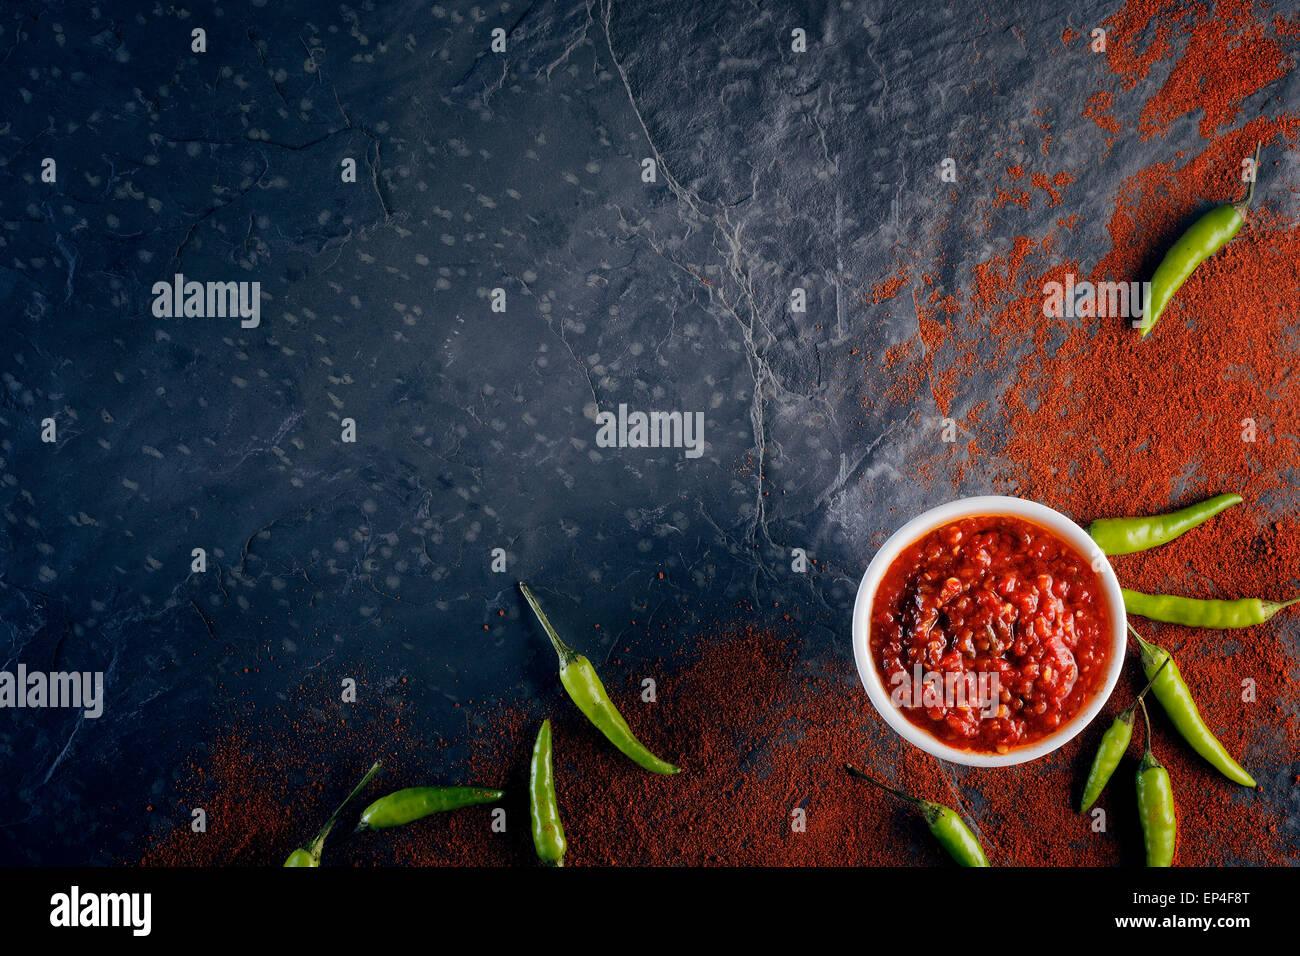 Le piment et l'ail sur relish ardoise noire au-dessus de l'arrière-plan Photo Stock